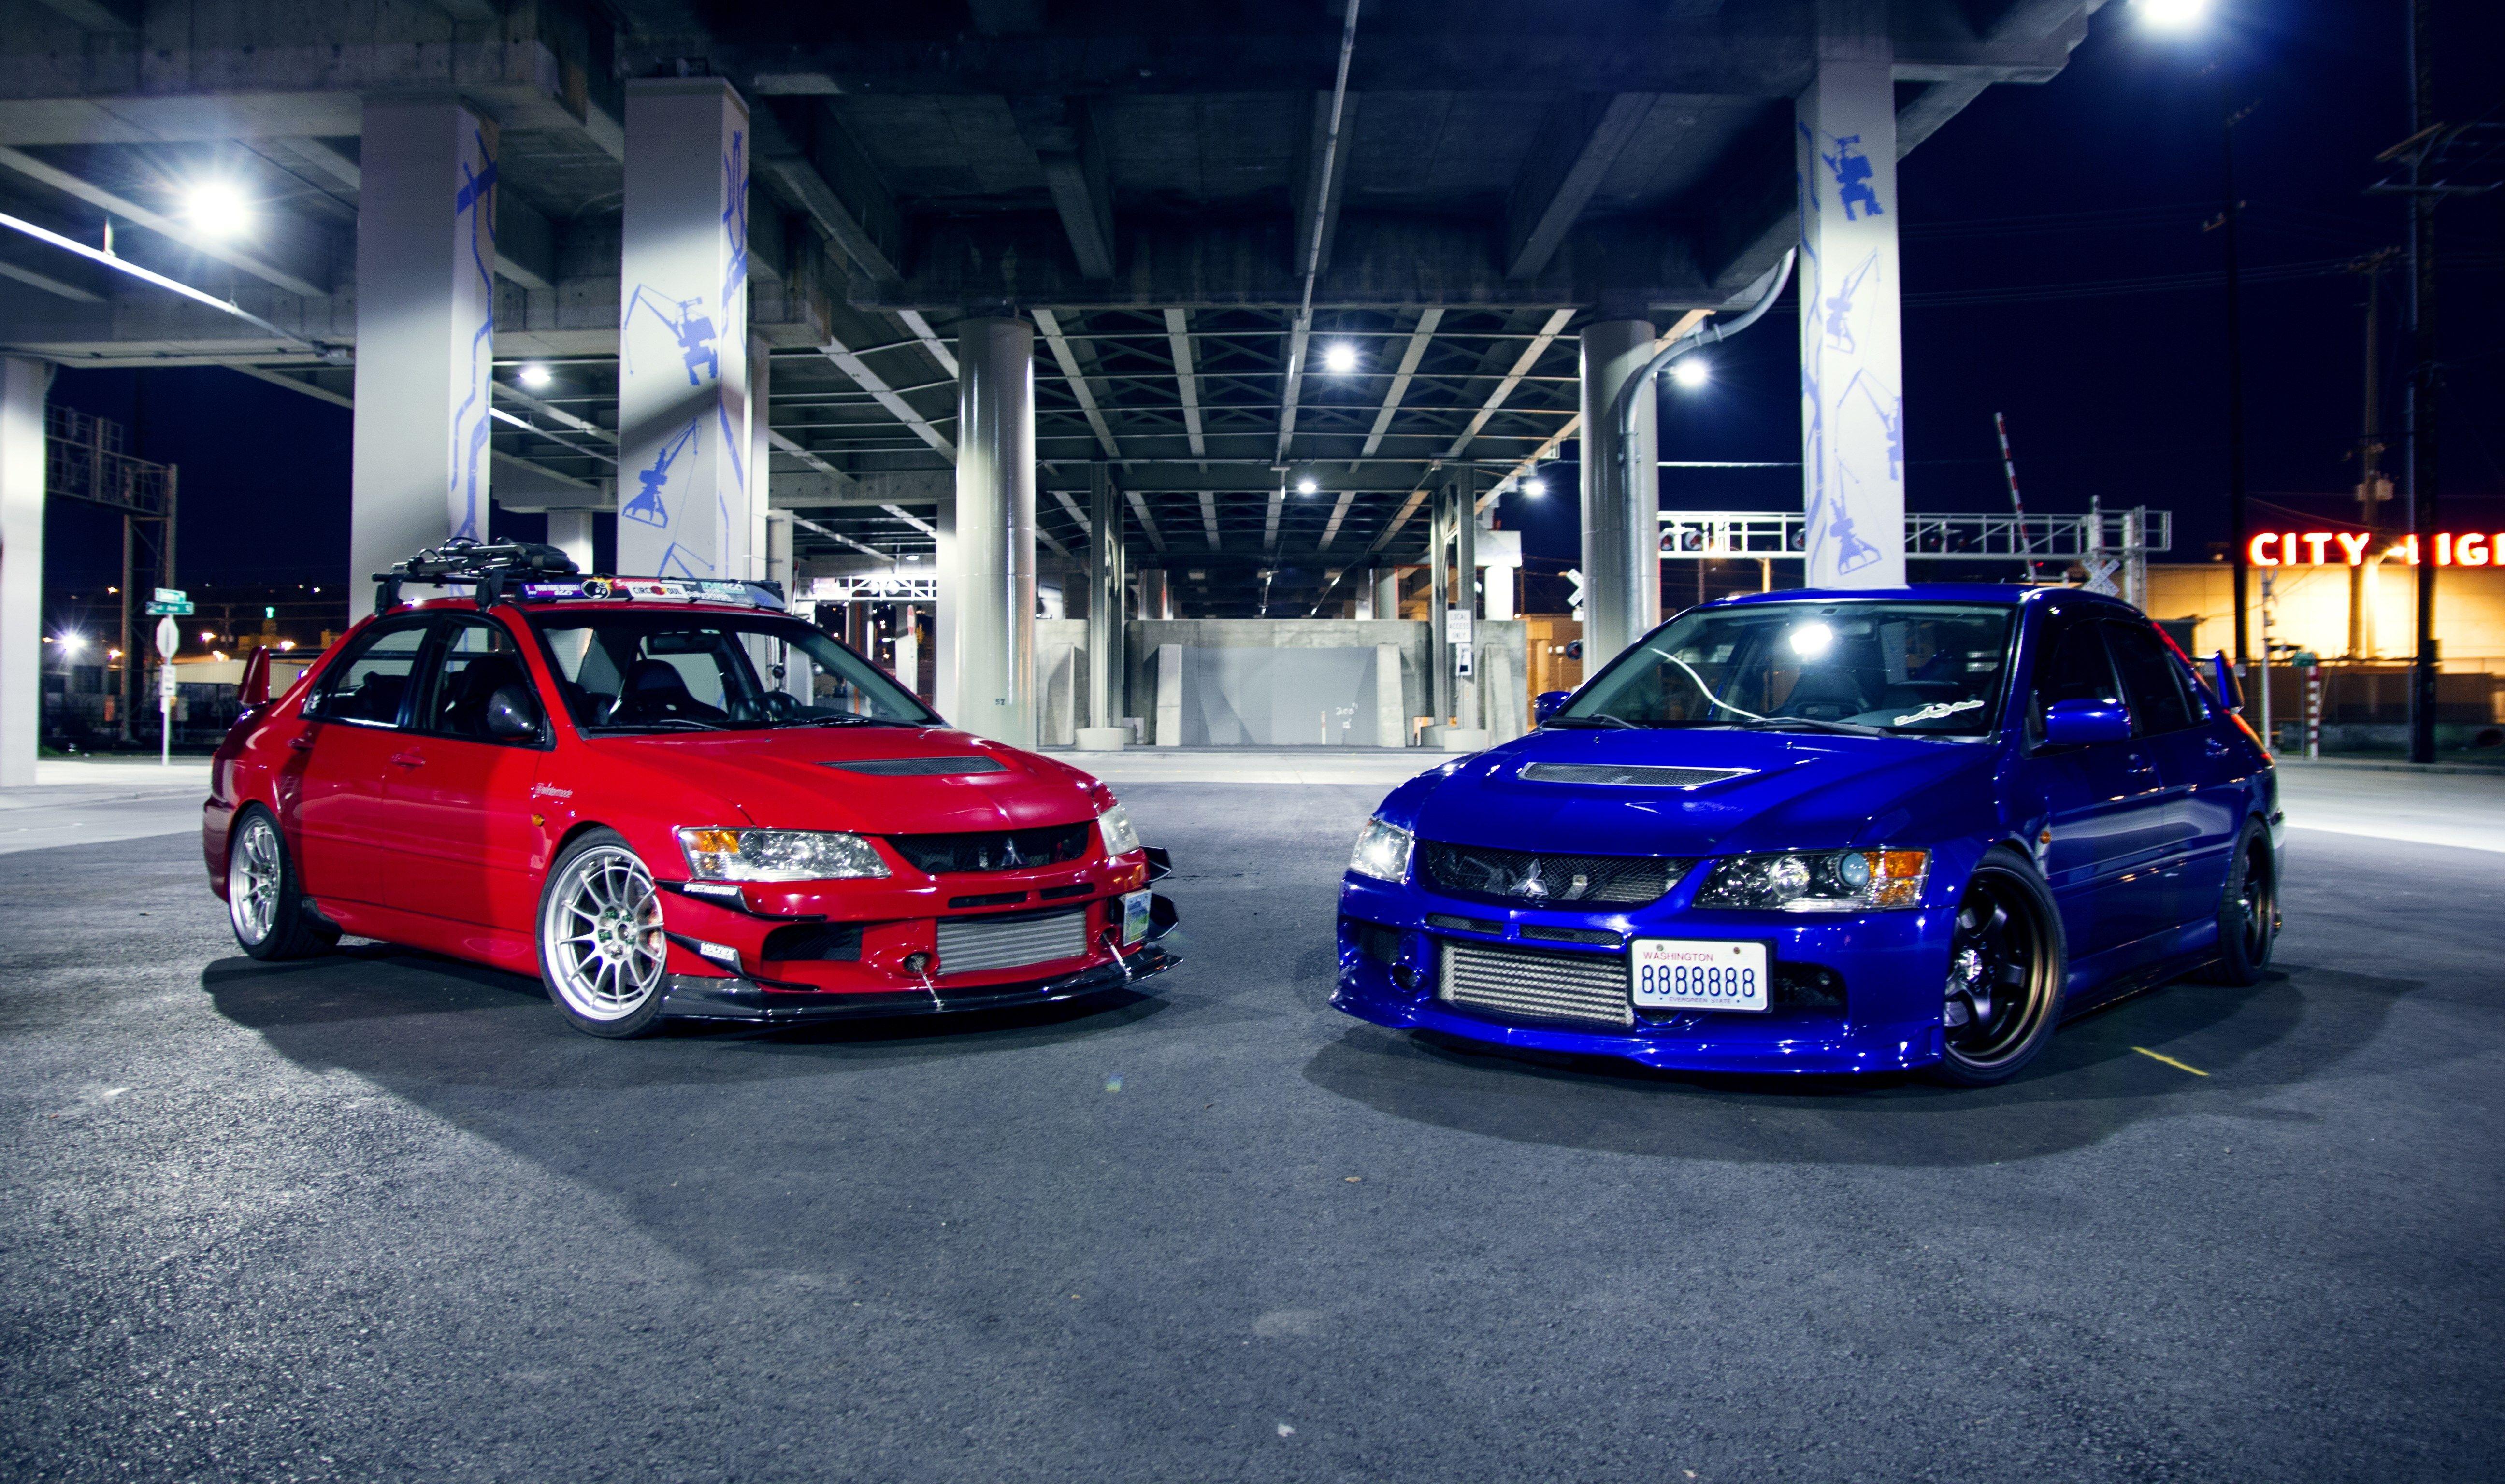 Mitsubishi Evolution Ix Wallpaper Mitsubishi Evolution Ix